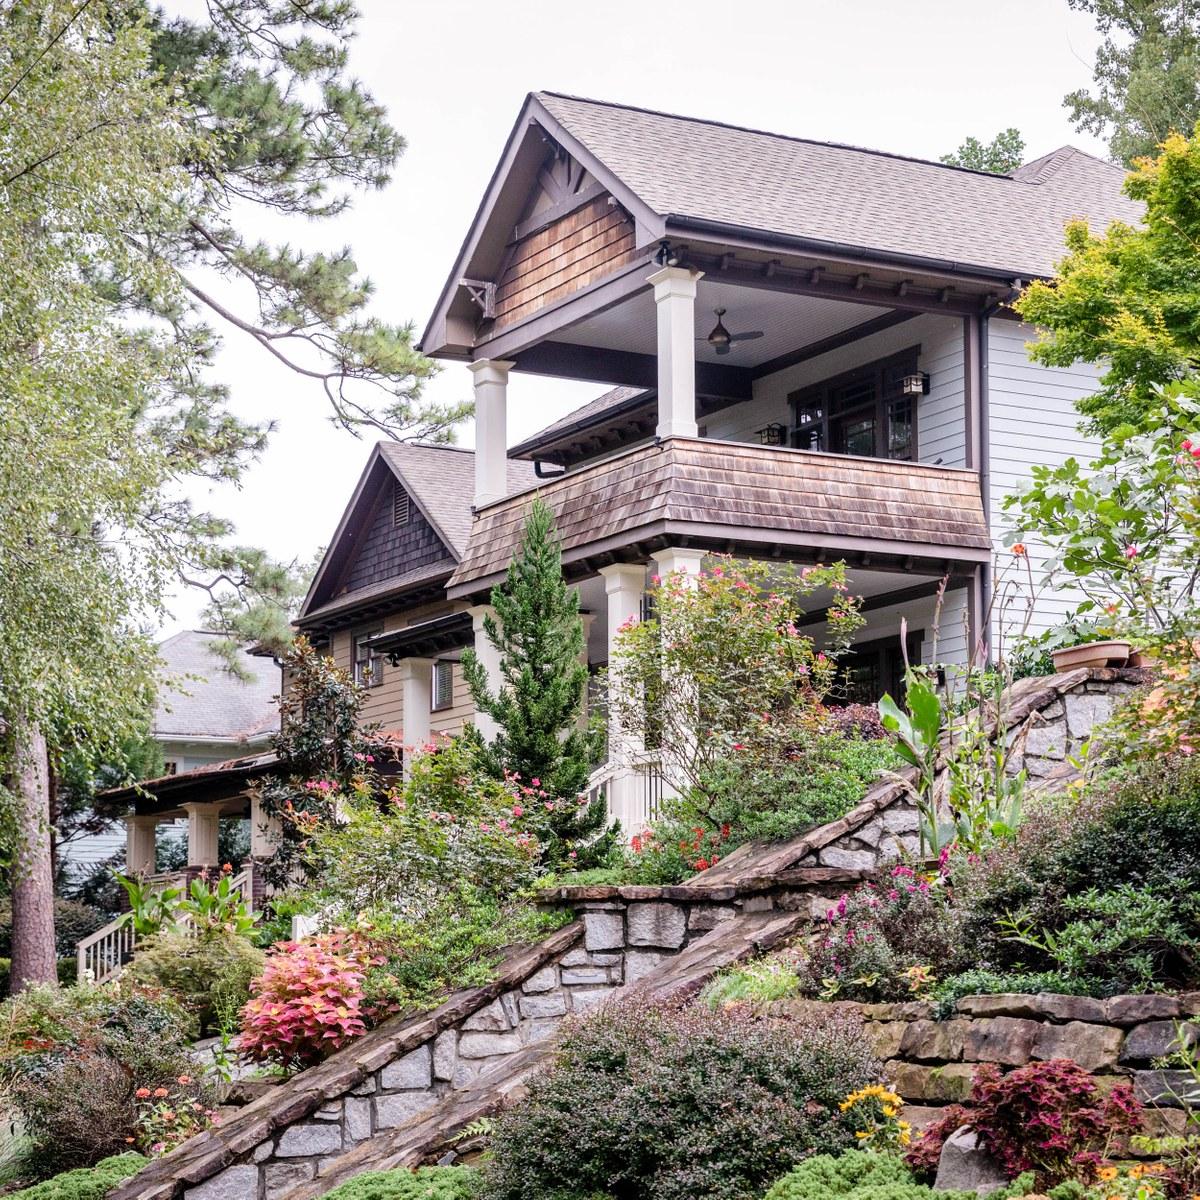 Local Com Homes For Rent: Candler Park, Atlanta GA - Neighborhood Guide